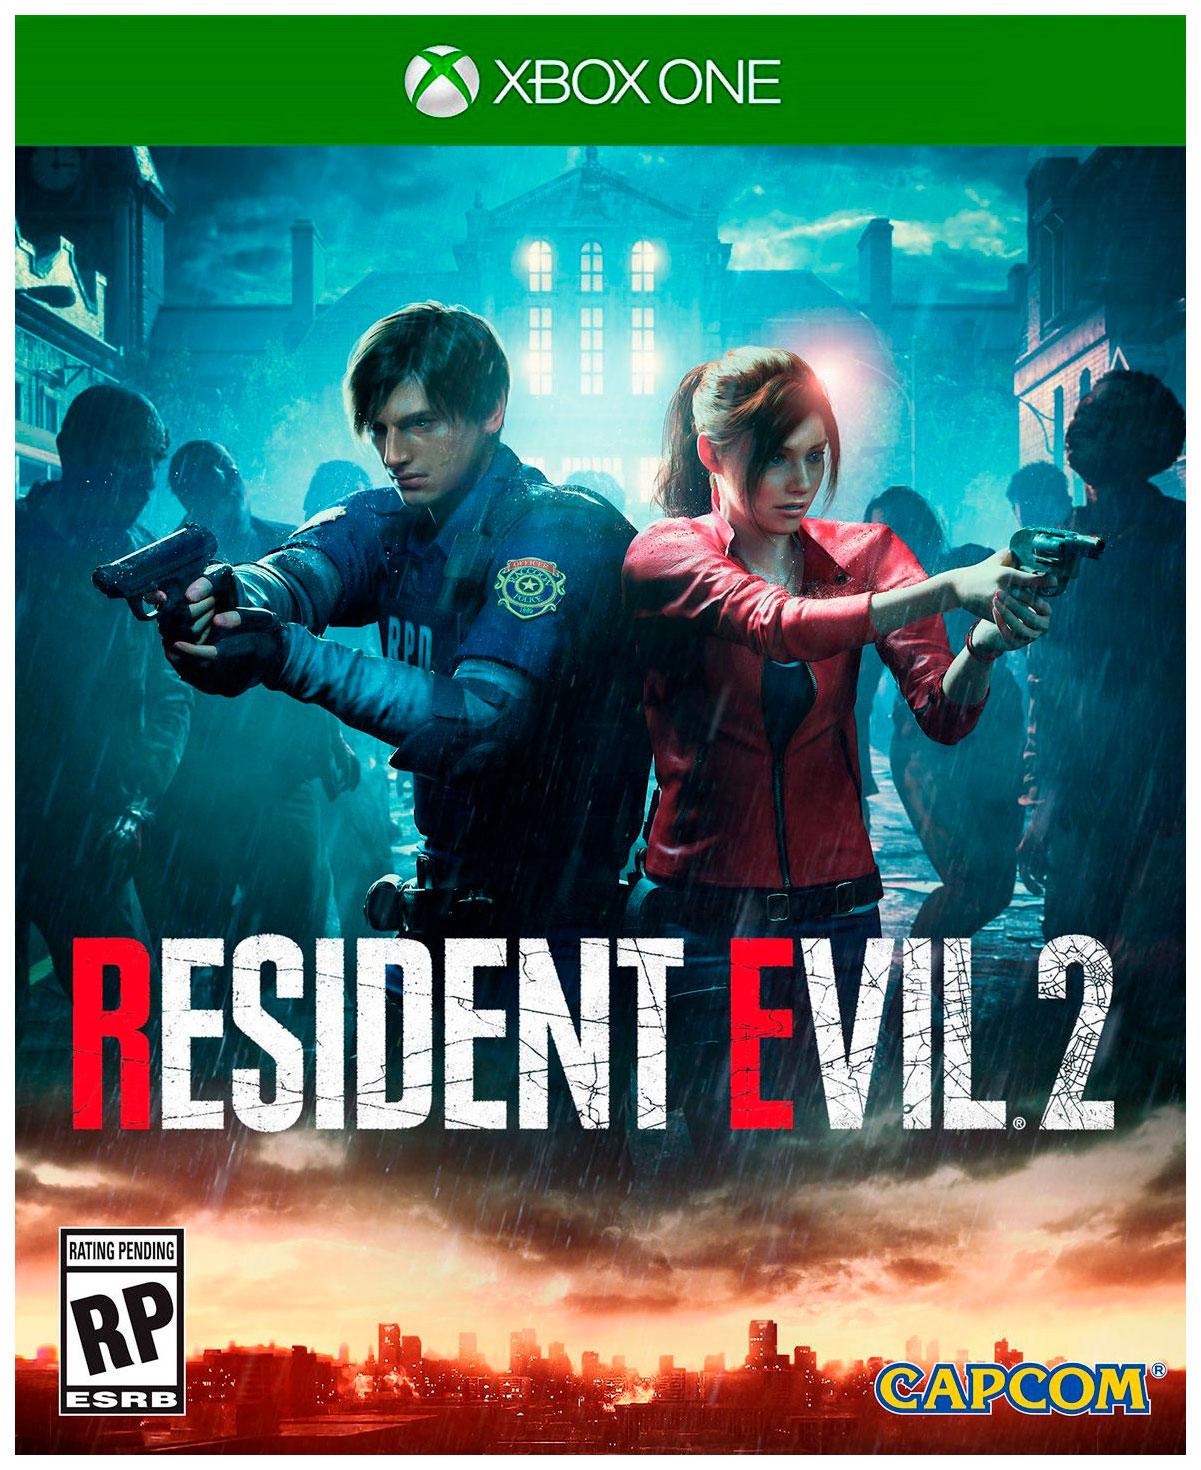 Игра Resident Evil 2 для Xbox One Capcom